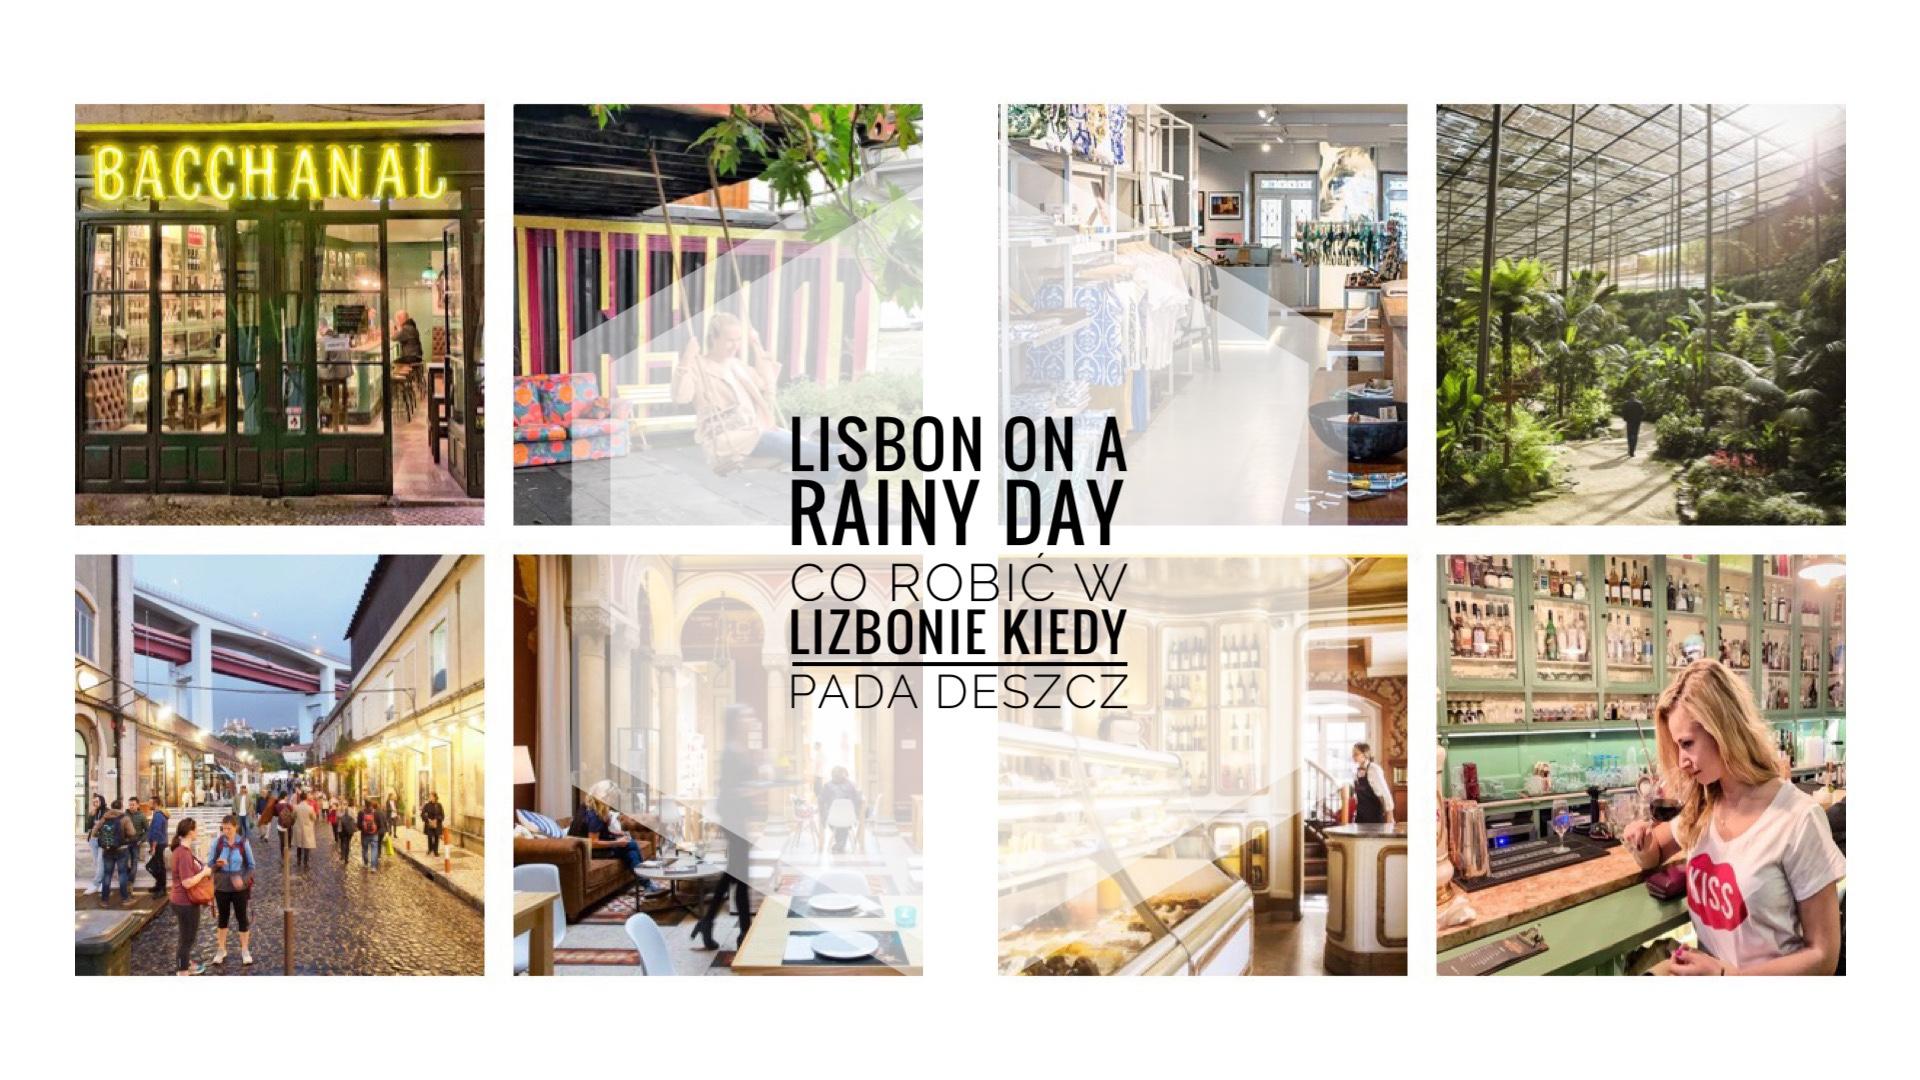 Lizbona – co robić gdy pada deszcz / What to do in Lisbon on a rainy day